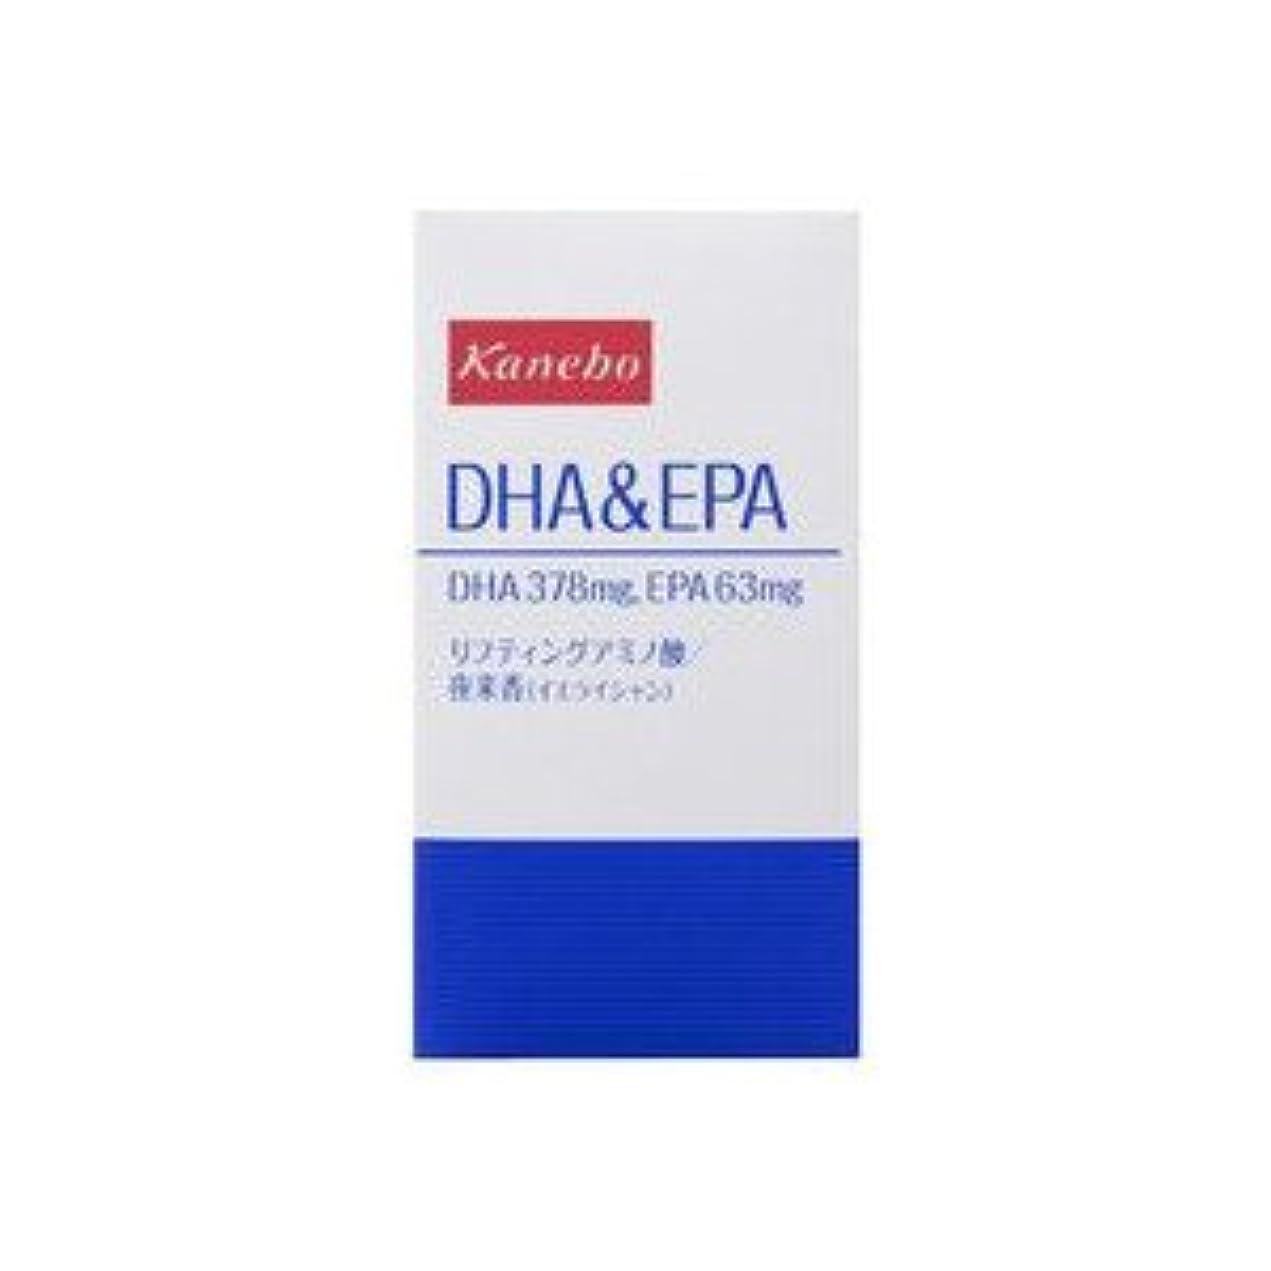 したがって矩形テレックスカネボウ DHA&EPA 465mg×120粒